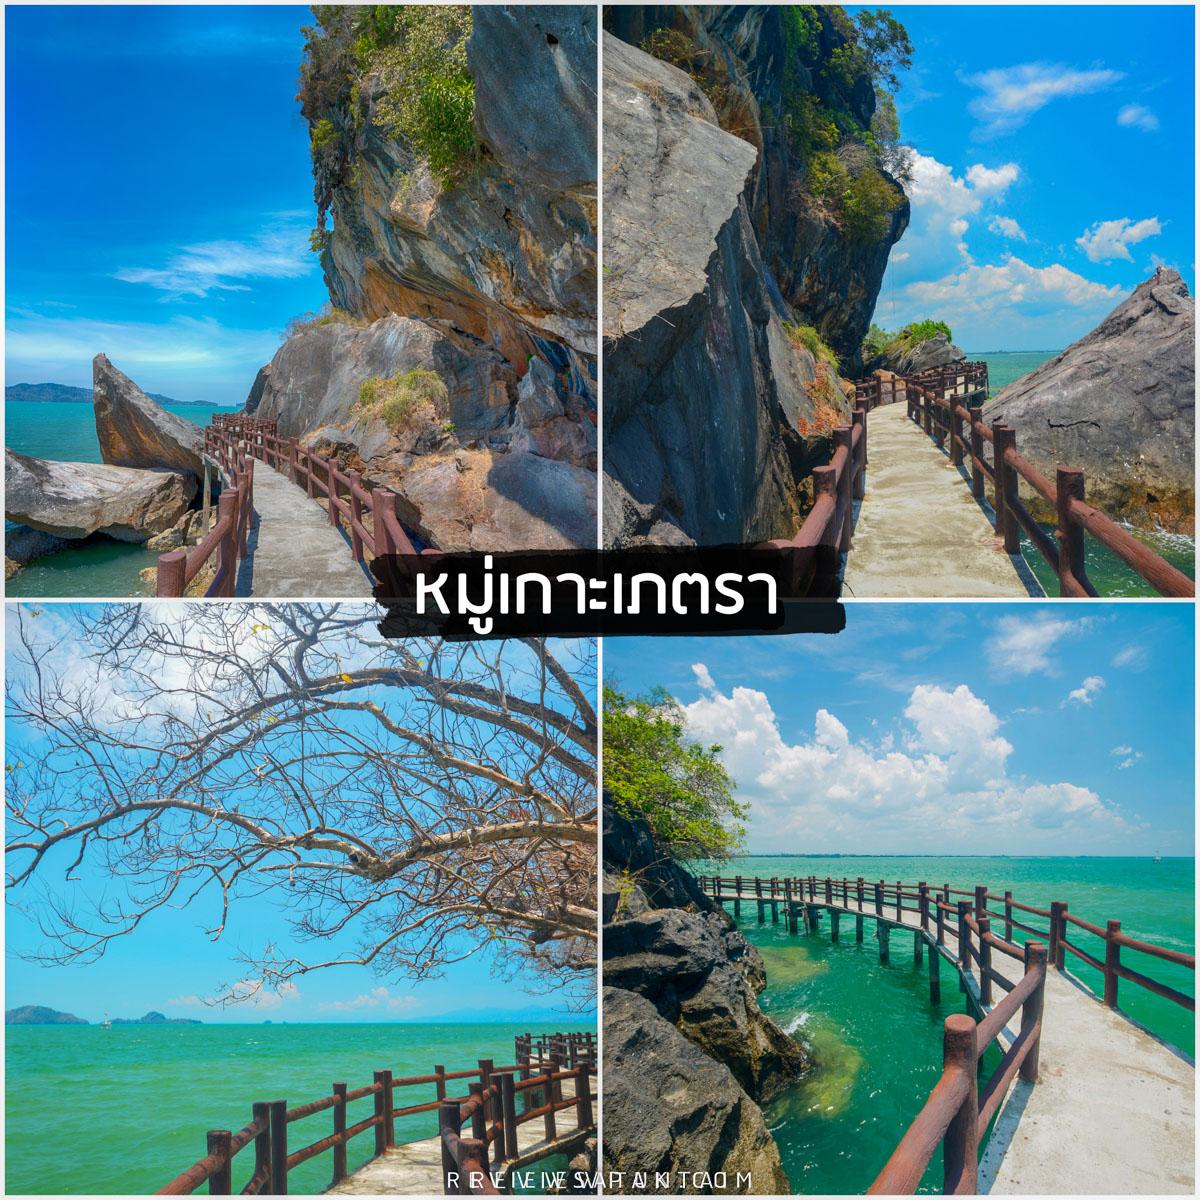 อุทยานแห่งชาติหมู่เกาะเภตรา-ภายในเป็นวิวสะพานทะเลสวยๆ-เด็ดๆต้องห้ามพลาด-รายละเอียด-คลิก  จุดเช็คอิน,หลีเป๊ะ,สตูลสดยกกำลังสาม,satunwonderland,เที่ยวเมืองไทยAmazingกว่าเดิม,ชีพจรลงSouth